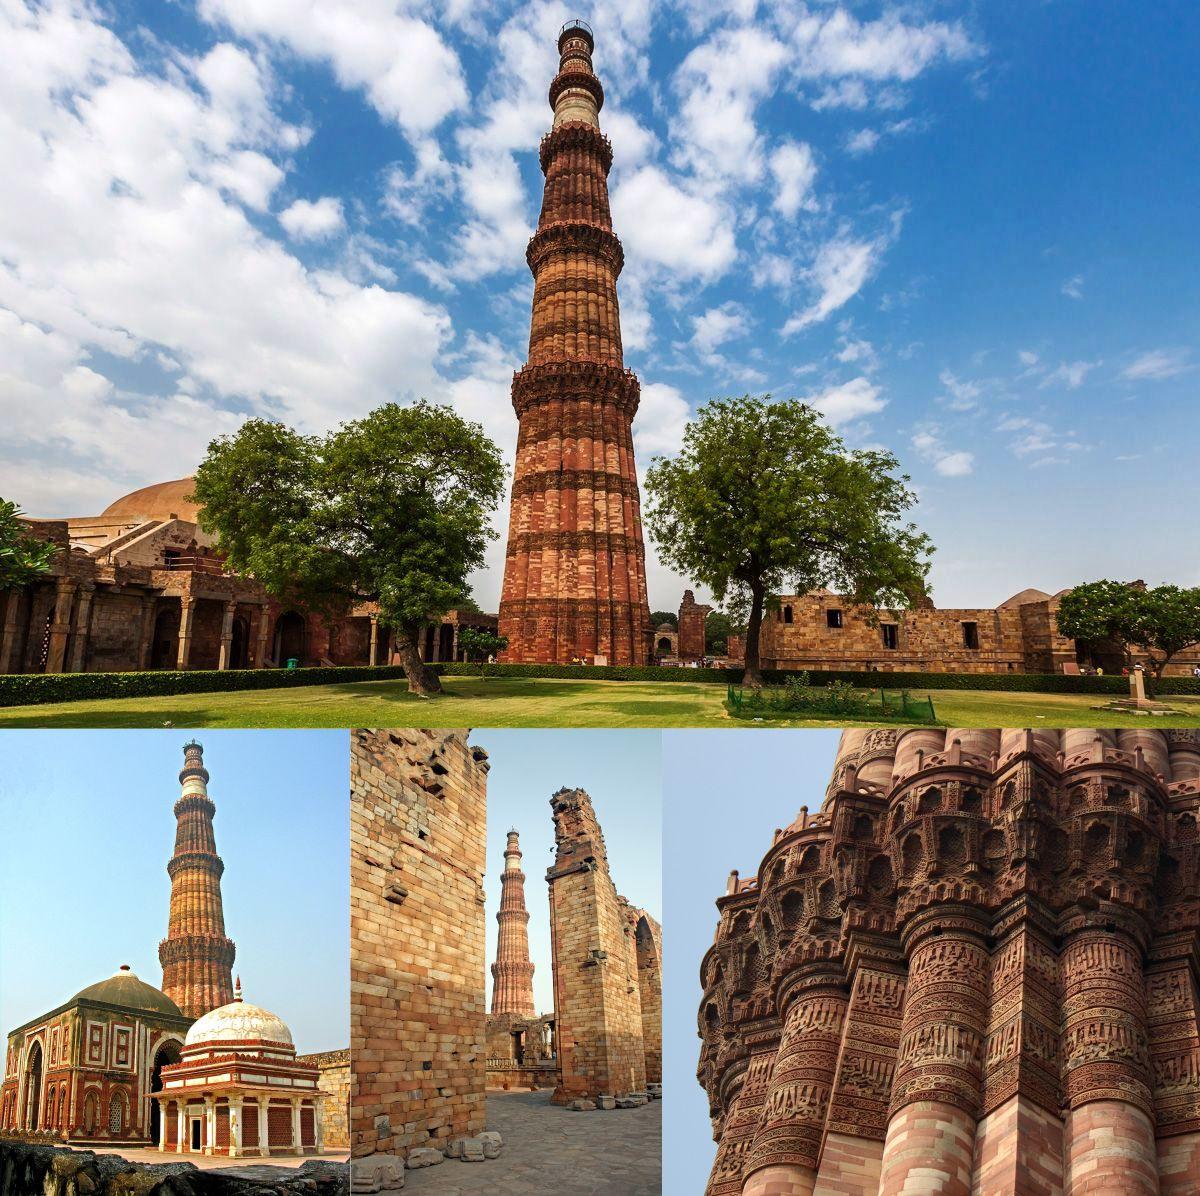 grandes-templos-da-india-mahabalipuram-gangaikonda-cholapuram-taj-mahal-qutub-minar-akshardham-lal-qilah-viagem-nosso-blog-4.jpg